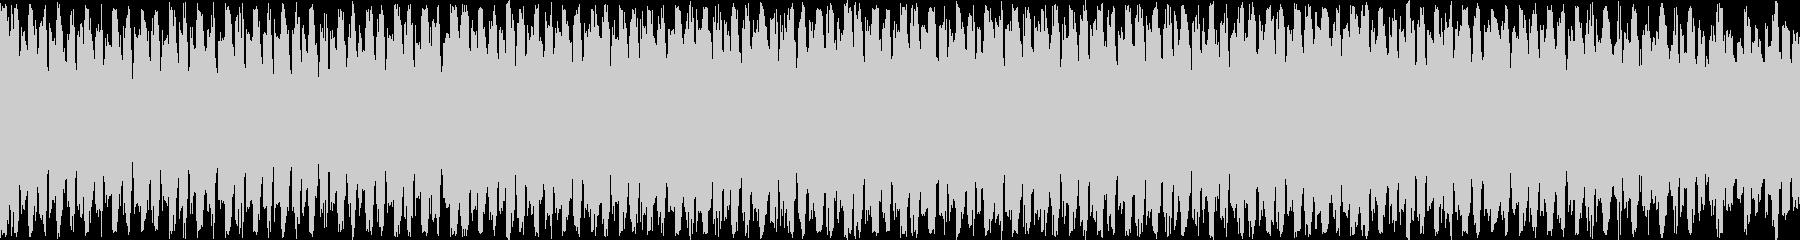 ギターとピアノの落ち着いたループ曲の未再生の波形